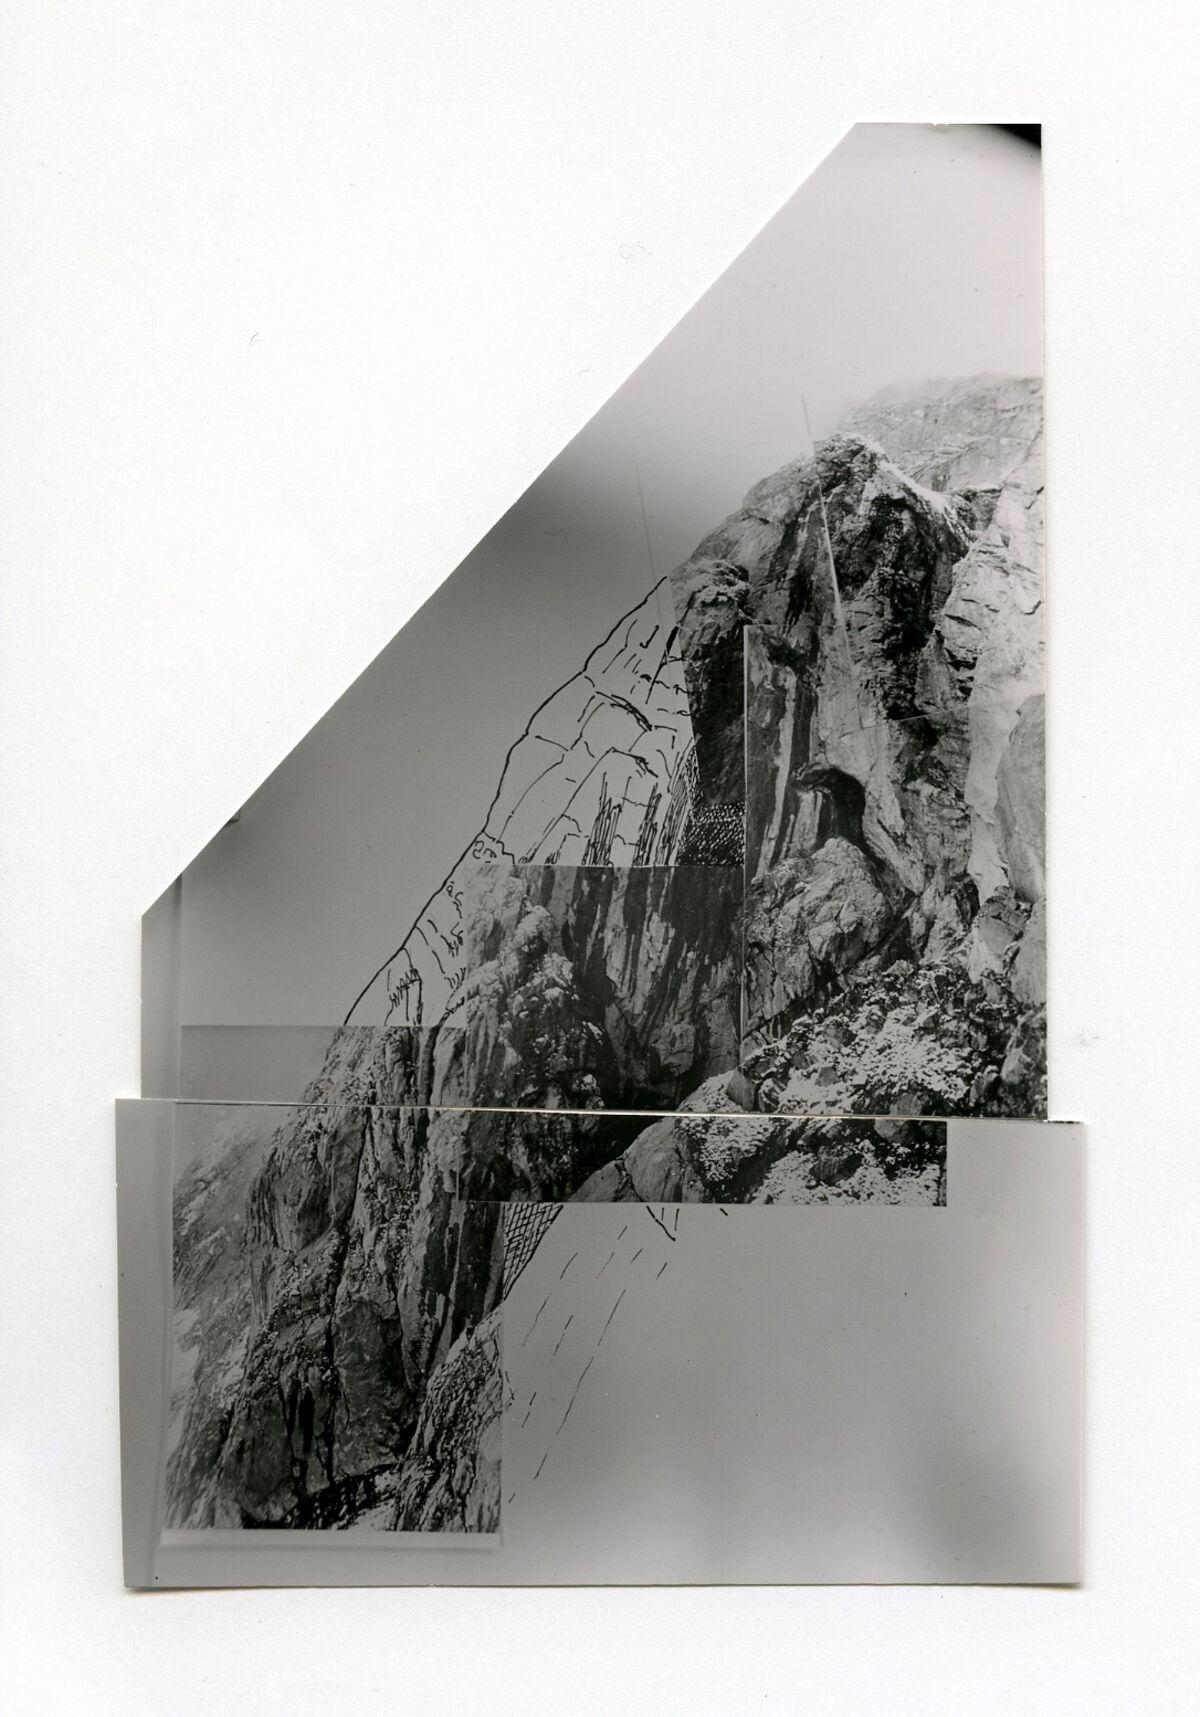 EBA 2/321.13: Landschaftsaufnahmen Gonzen aussen, Collage